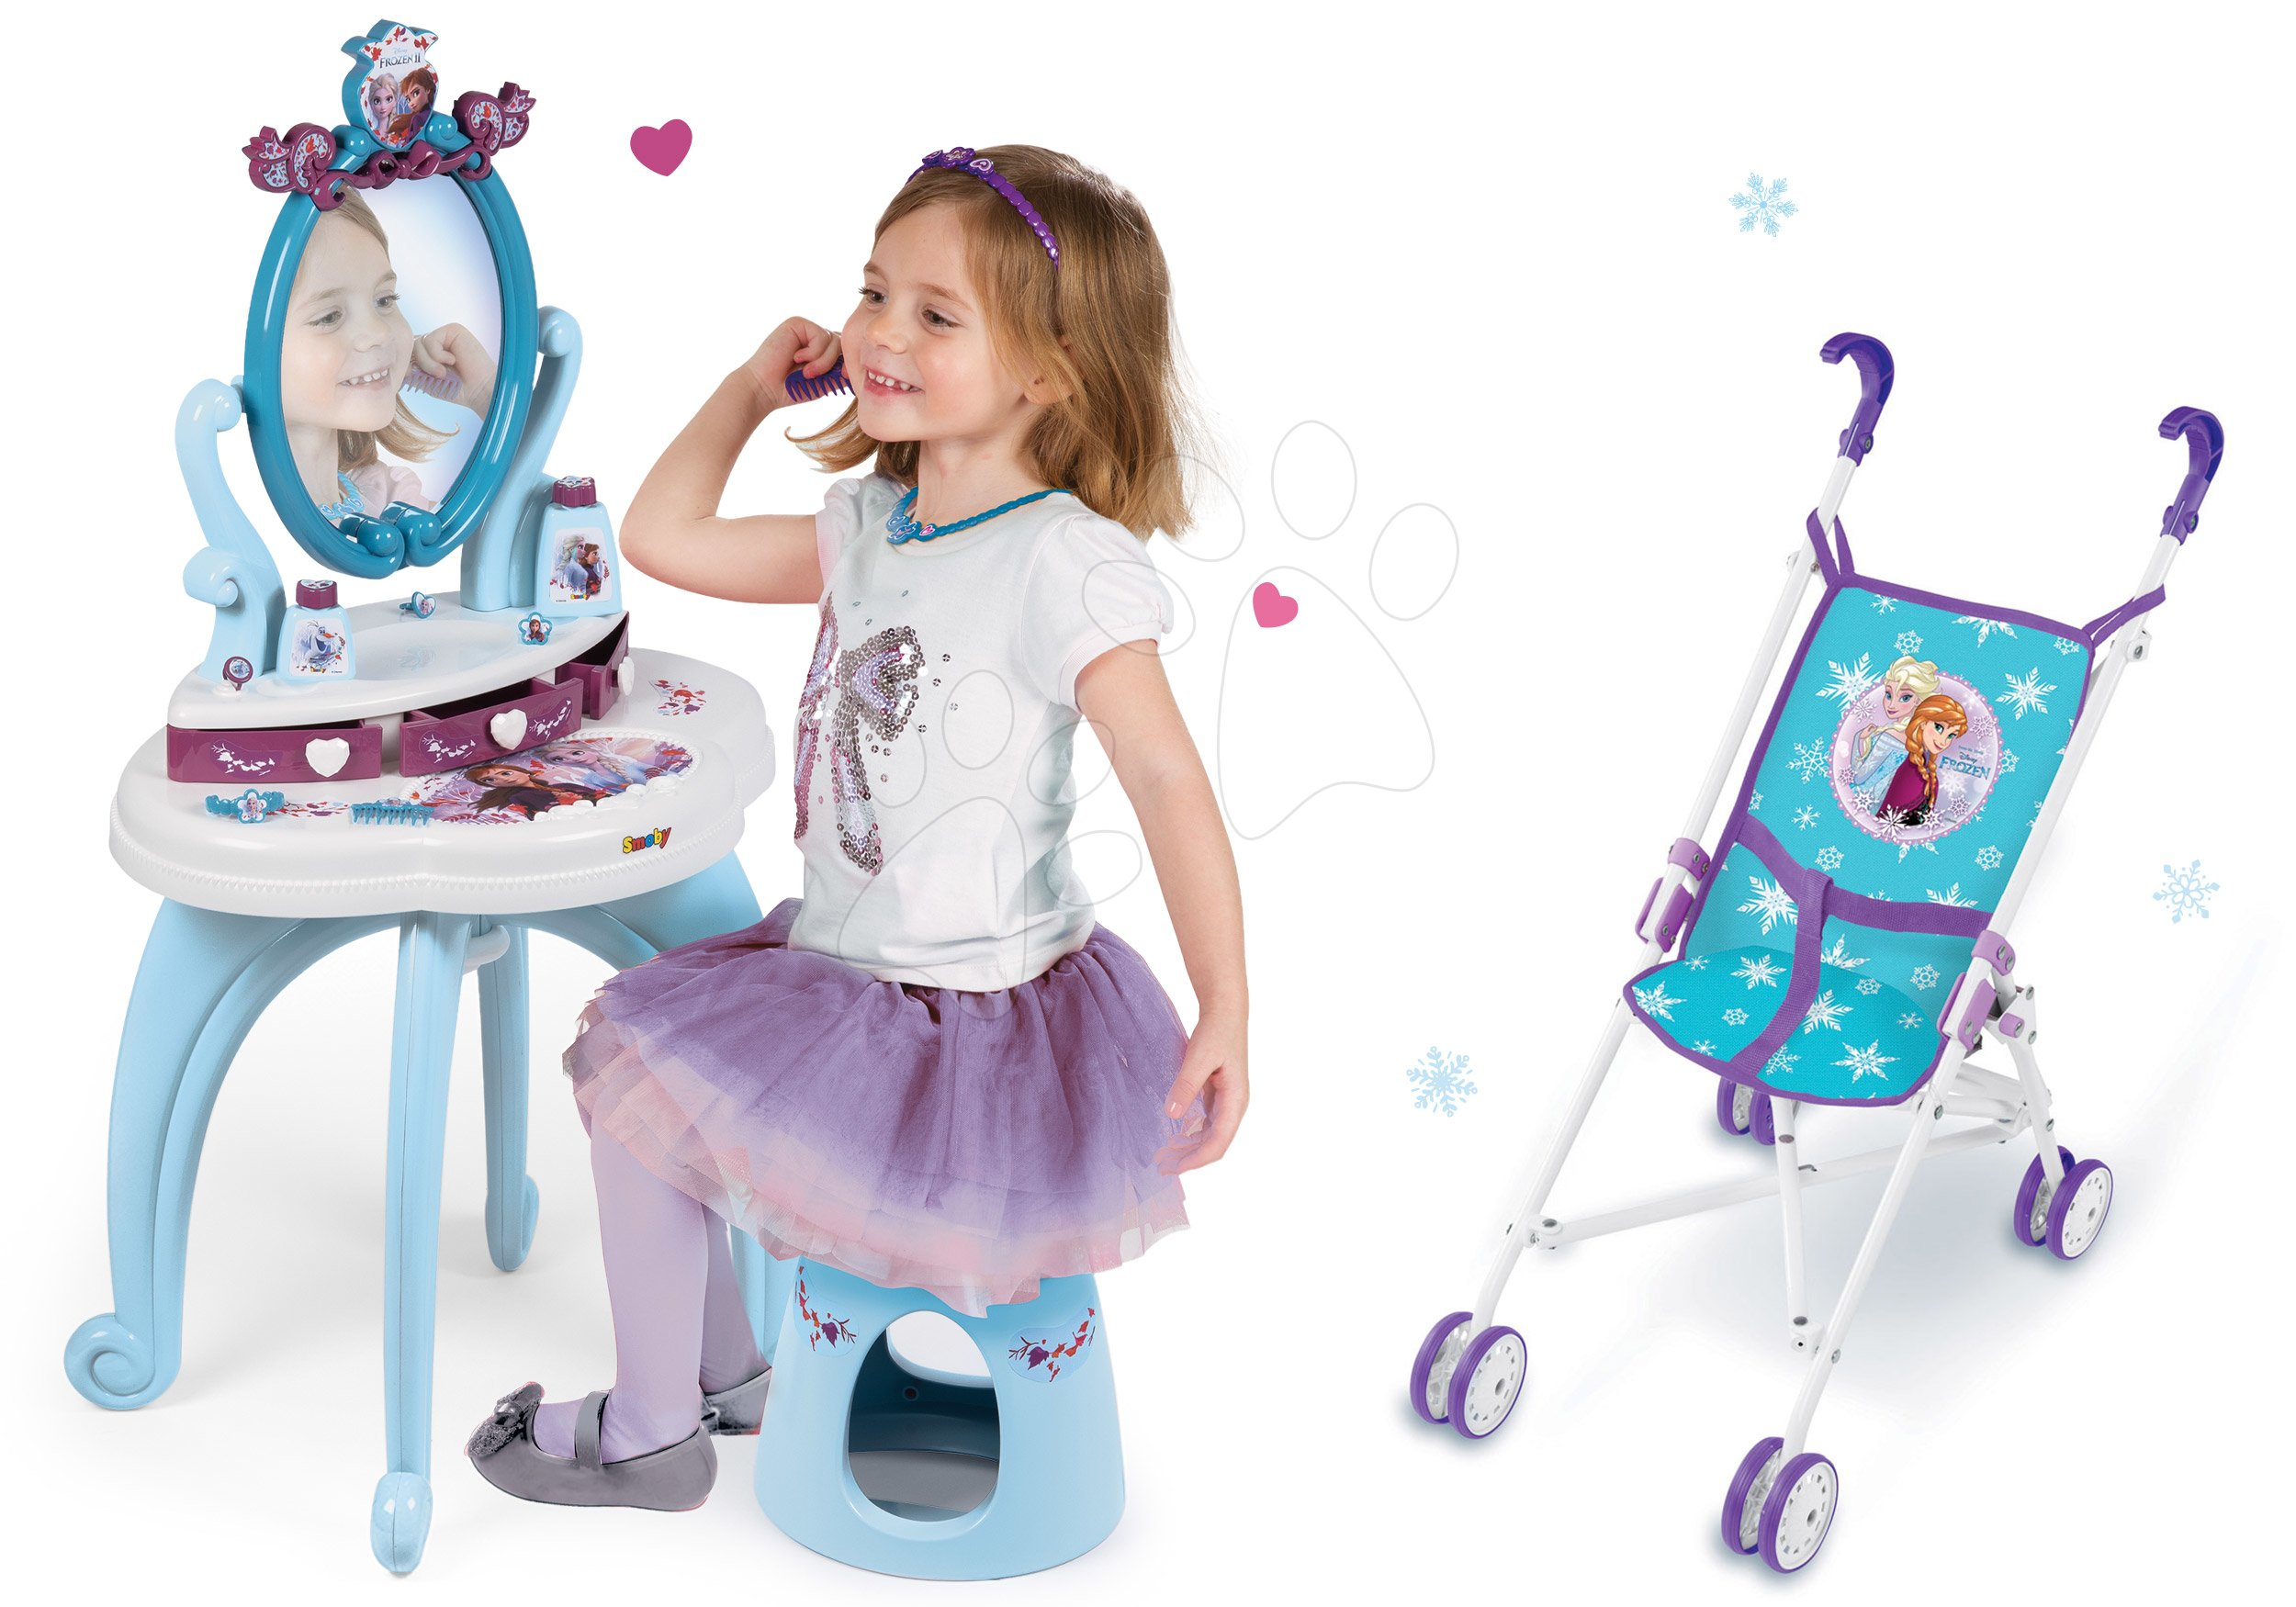 Smoby detský kozmetický stolík a skladací kočík Frozen 320214-15